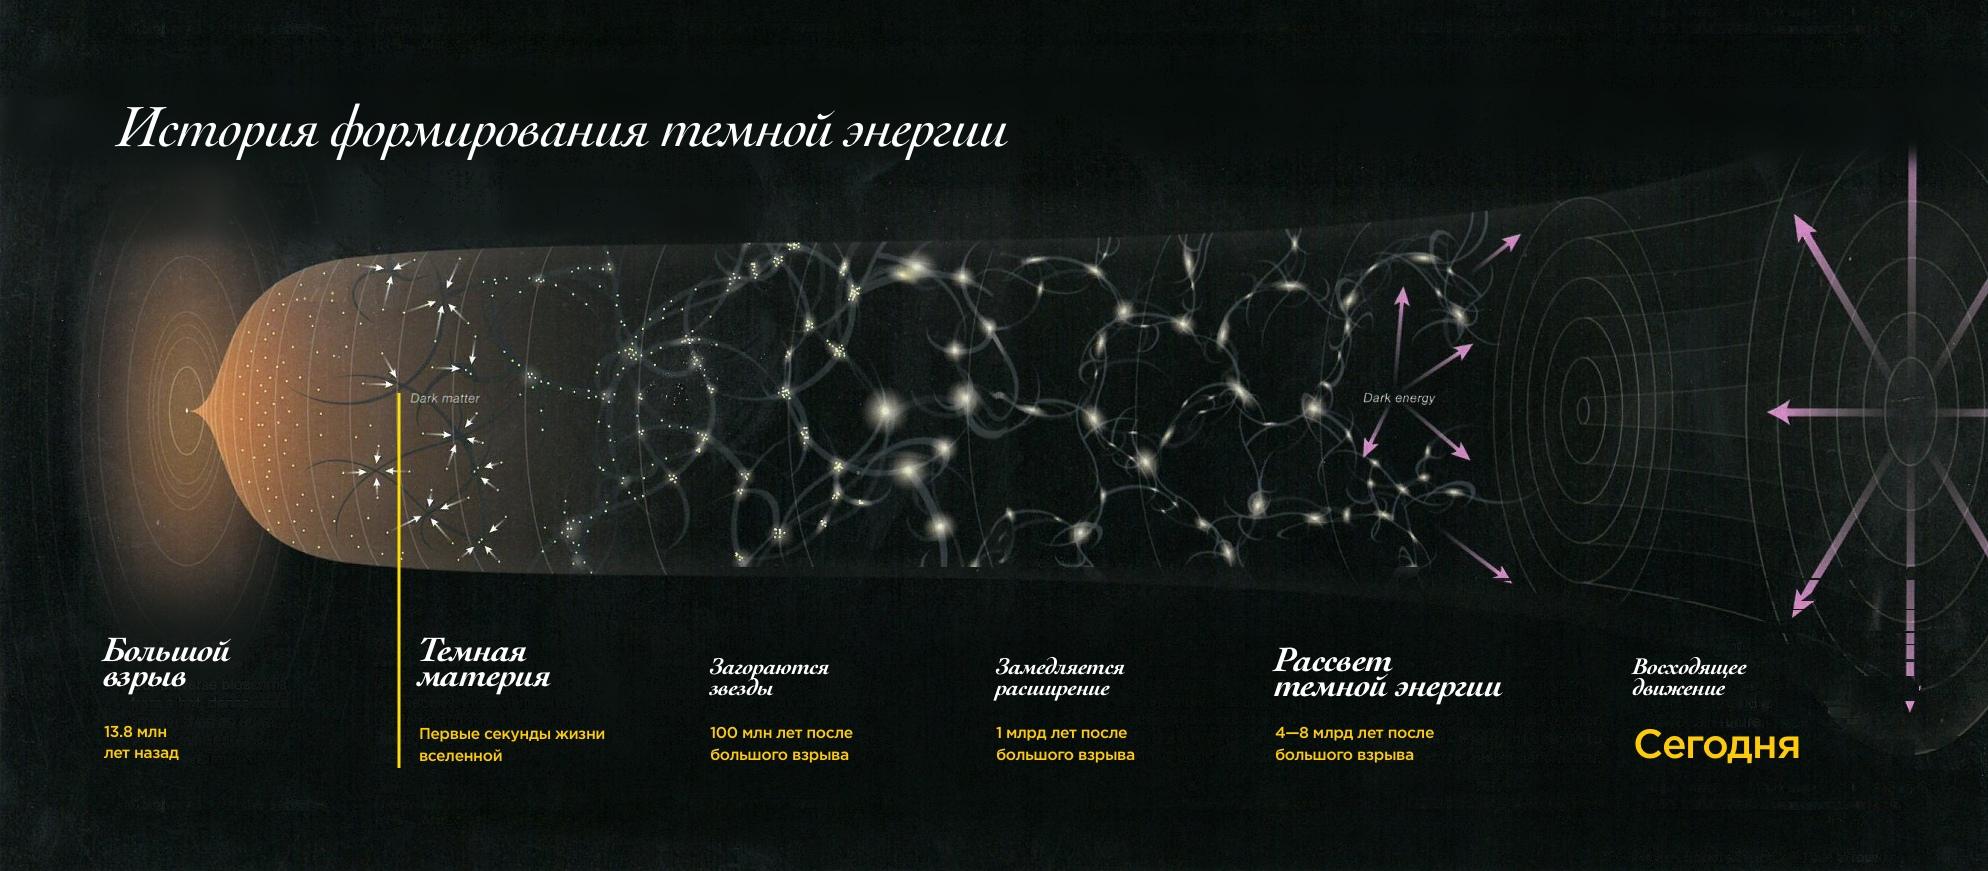 Сколько Вселенных в Теории струн?, изображение №19